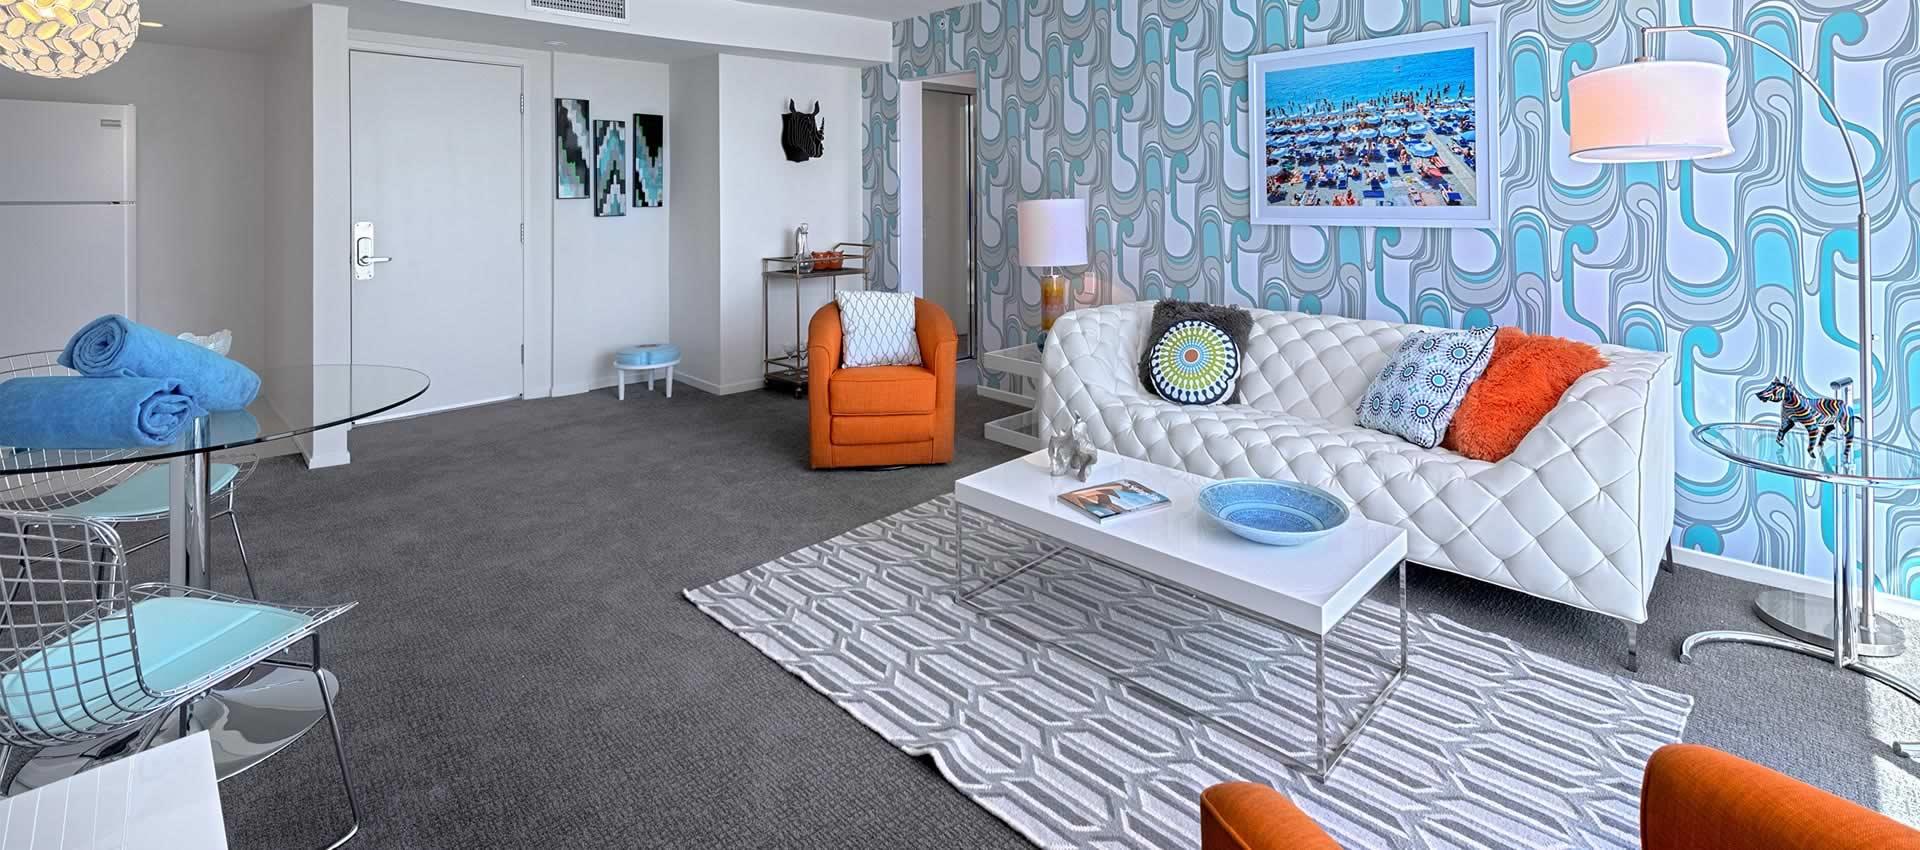 twist-hotel-room217-frontroom-02